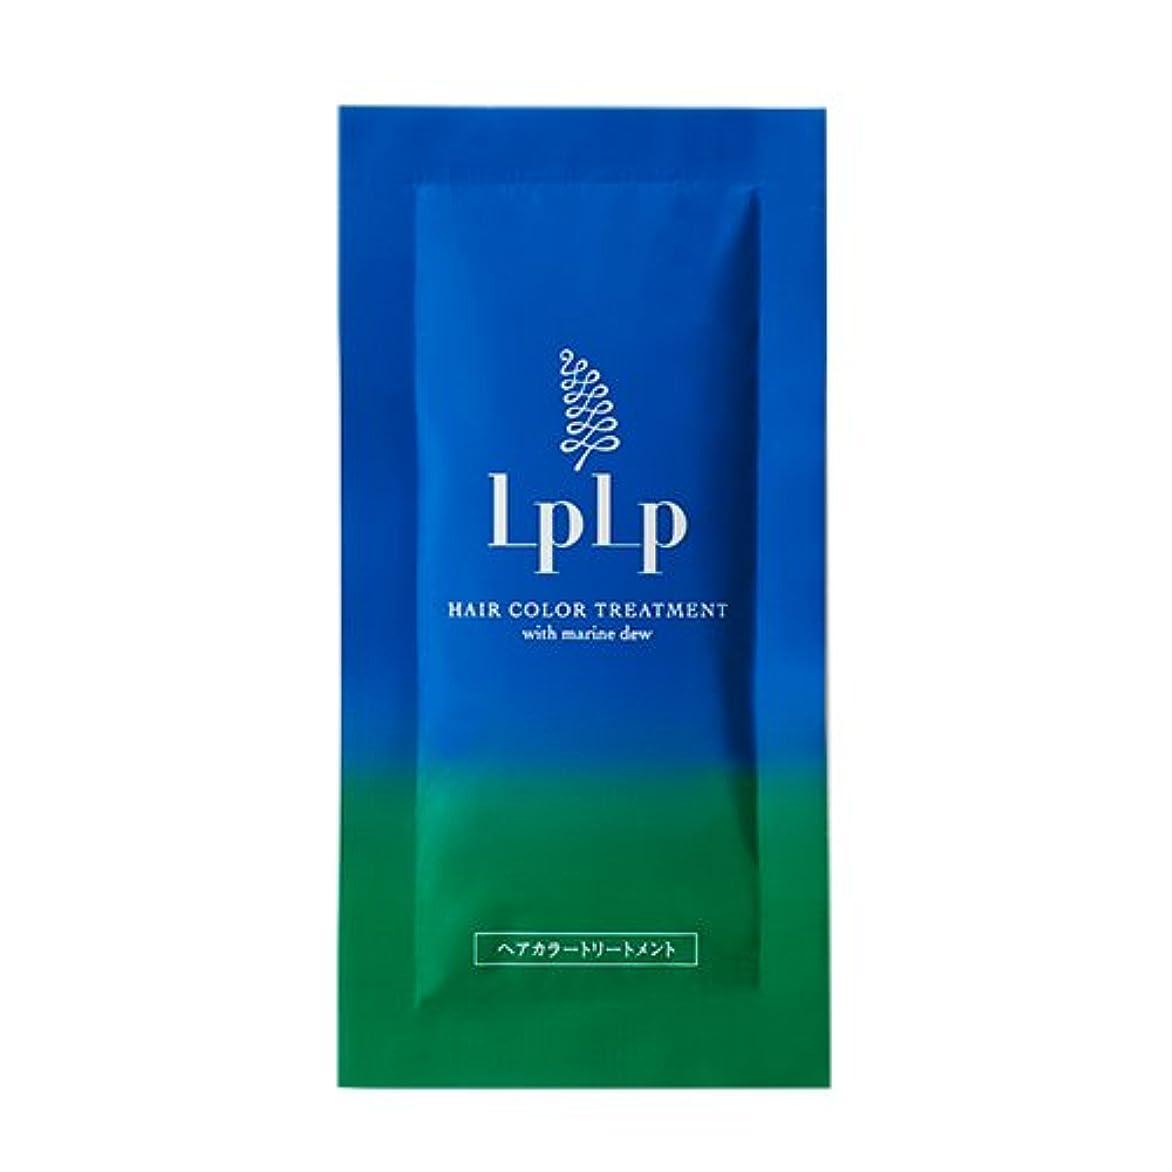 フォーカスリングレット押し下げるLPLP(ルプルプ)ヘアカラートリートメントお試しパウチ モカブラウン